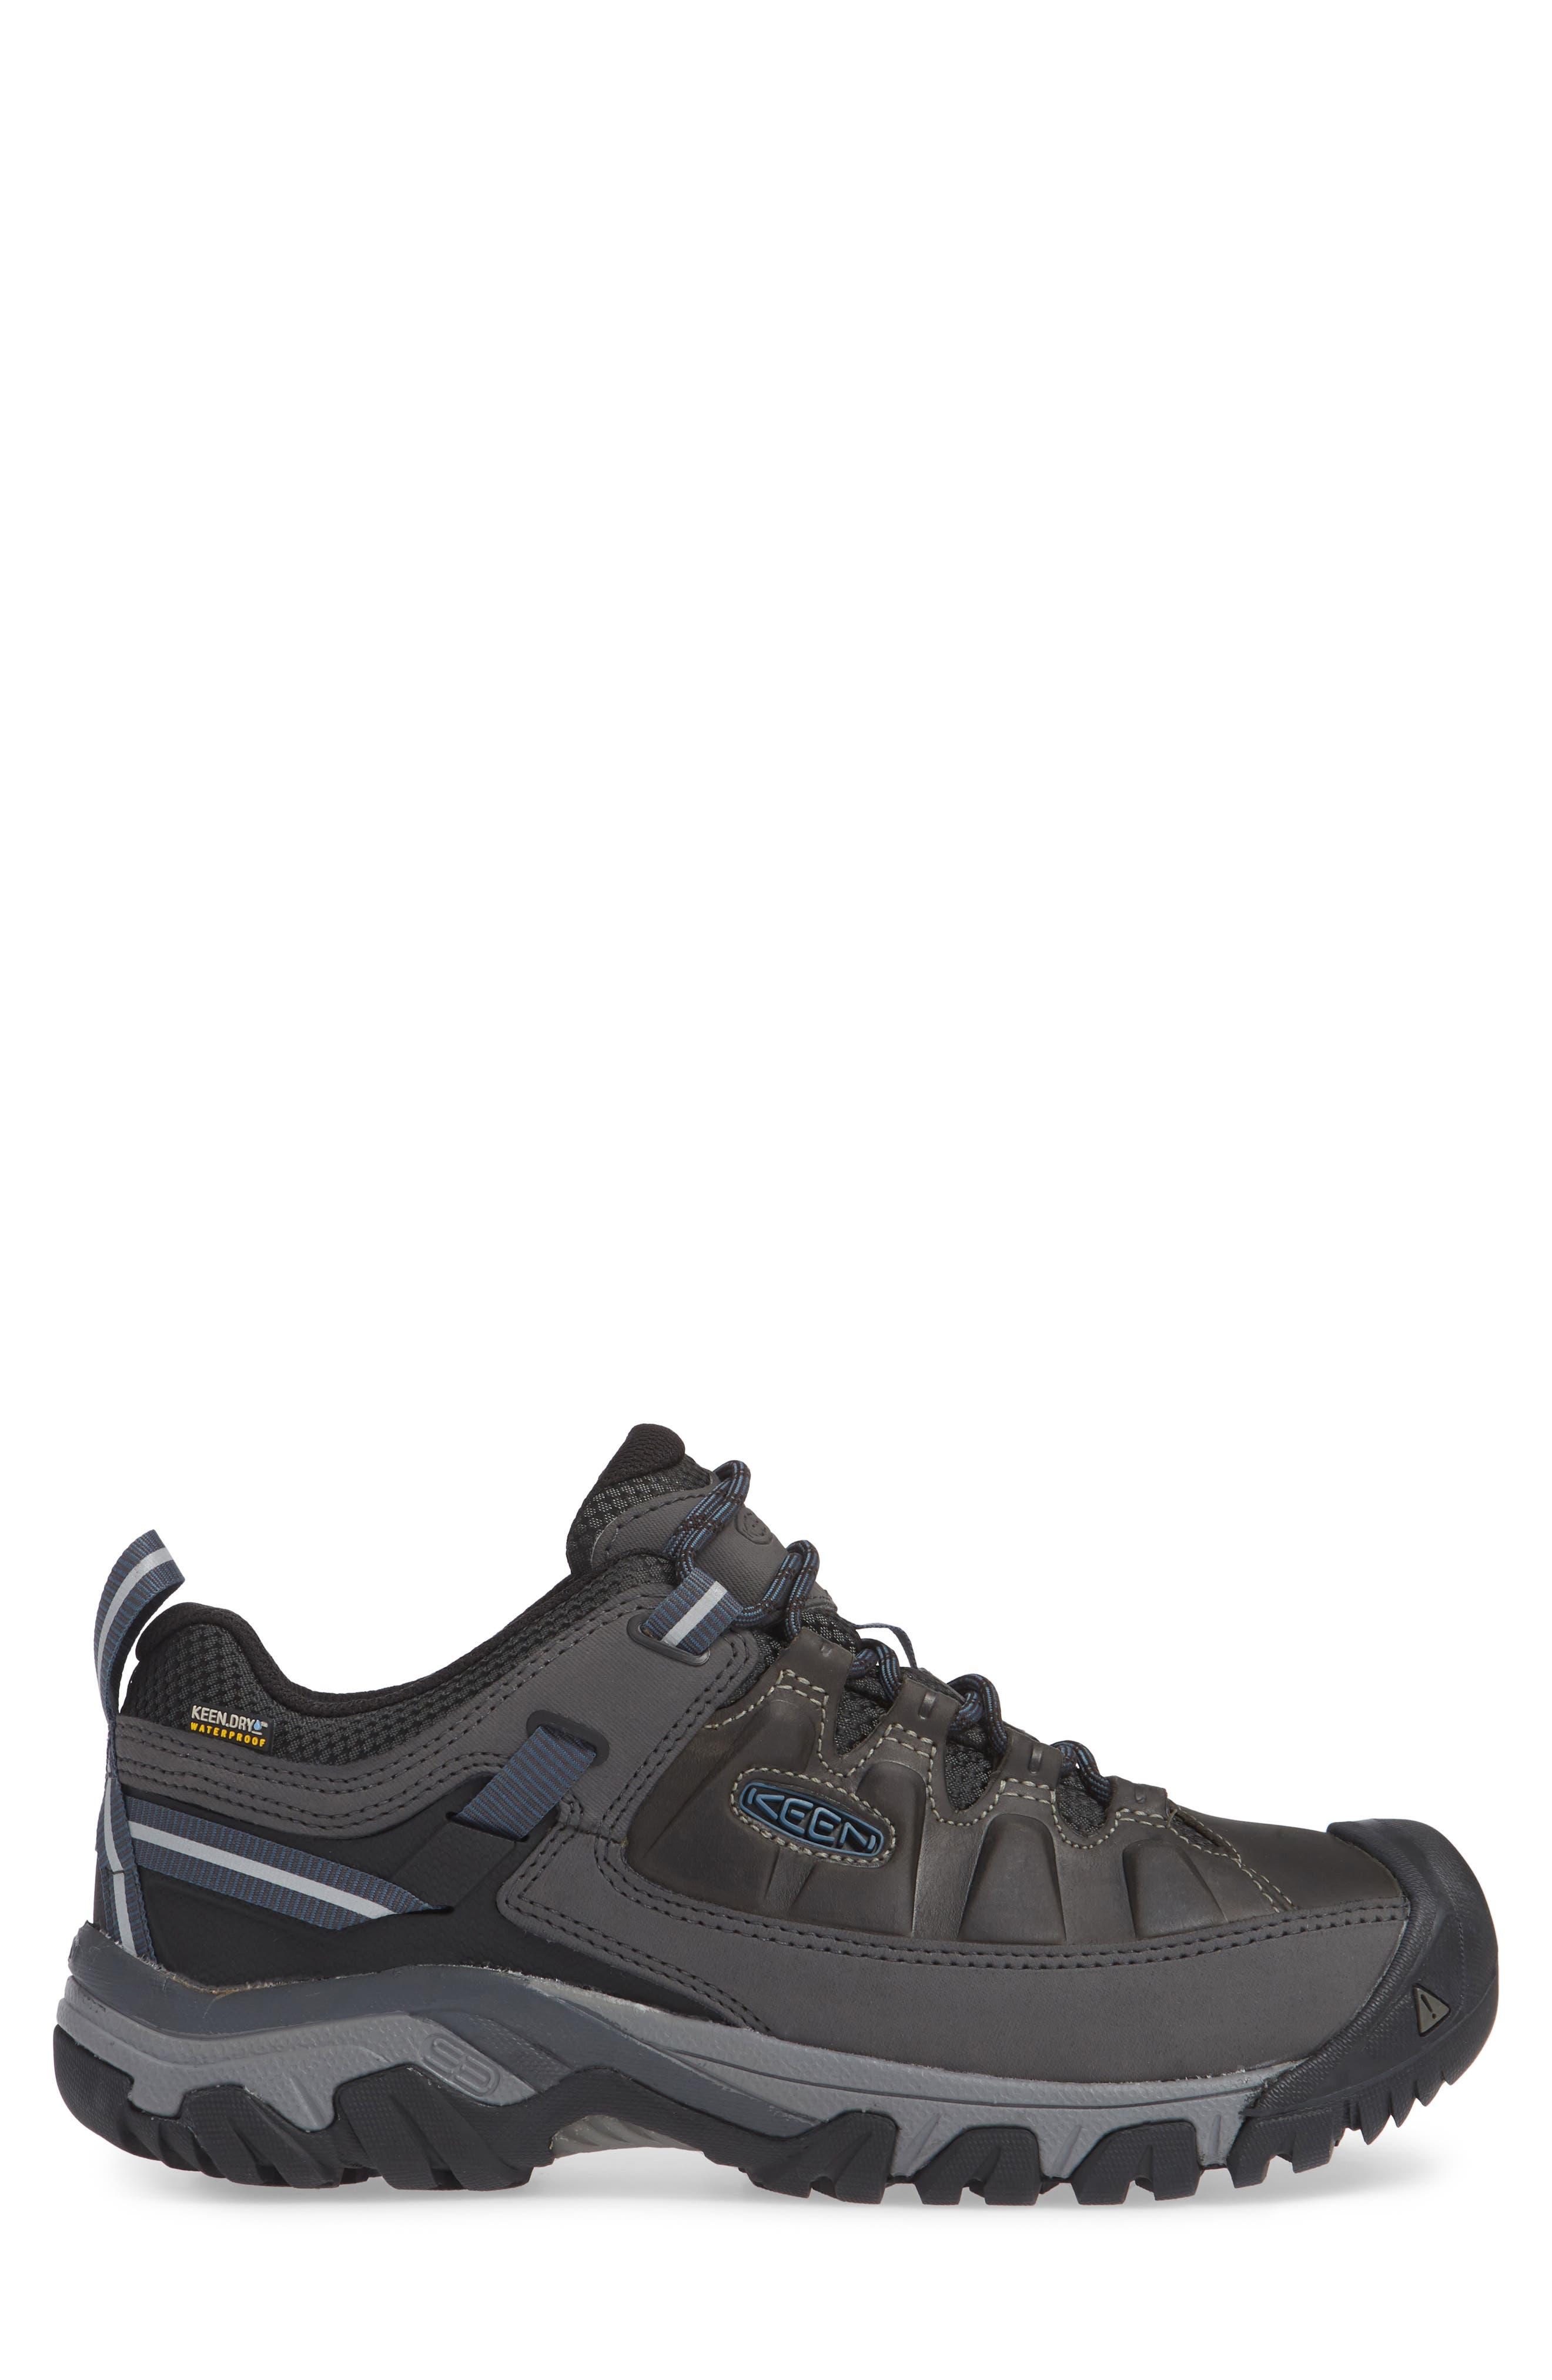 Targhee III Waterproof Hiking Shoe,                             Alternate thumbnail 3, color,                             STEEL GREY/ CAPTAINS BLUE